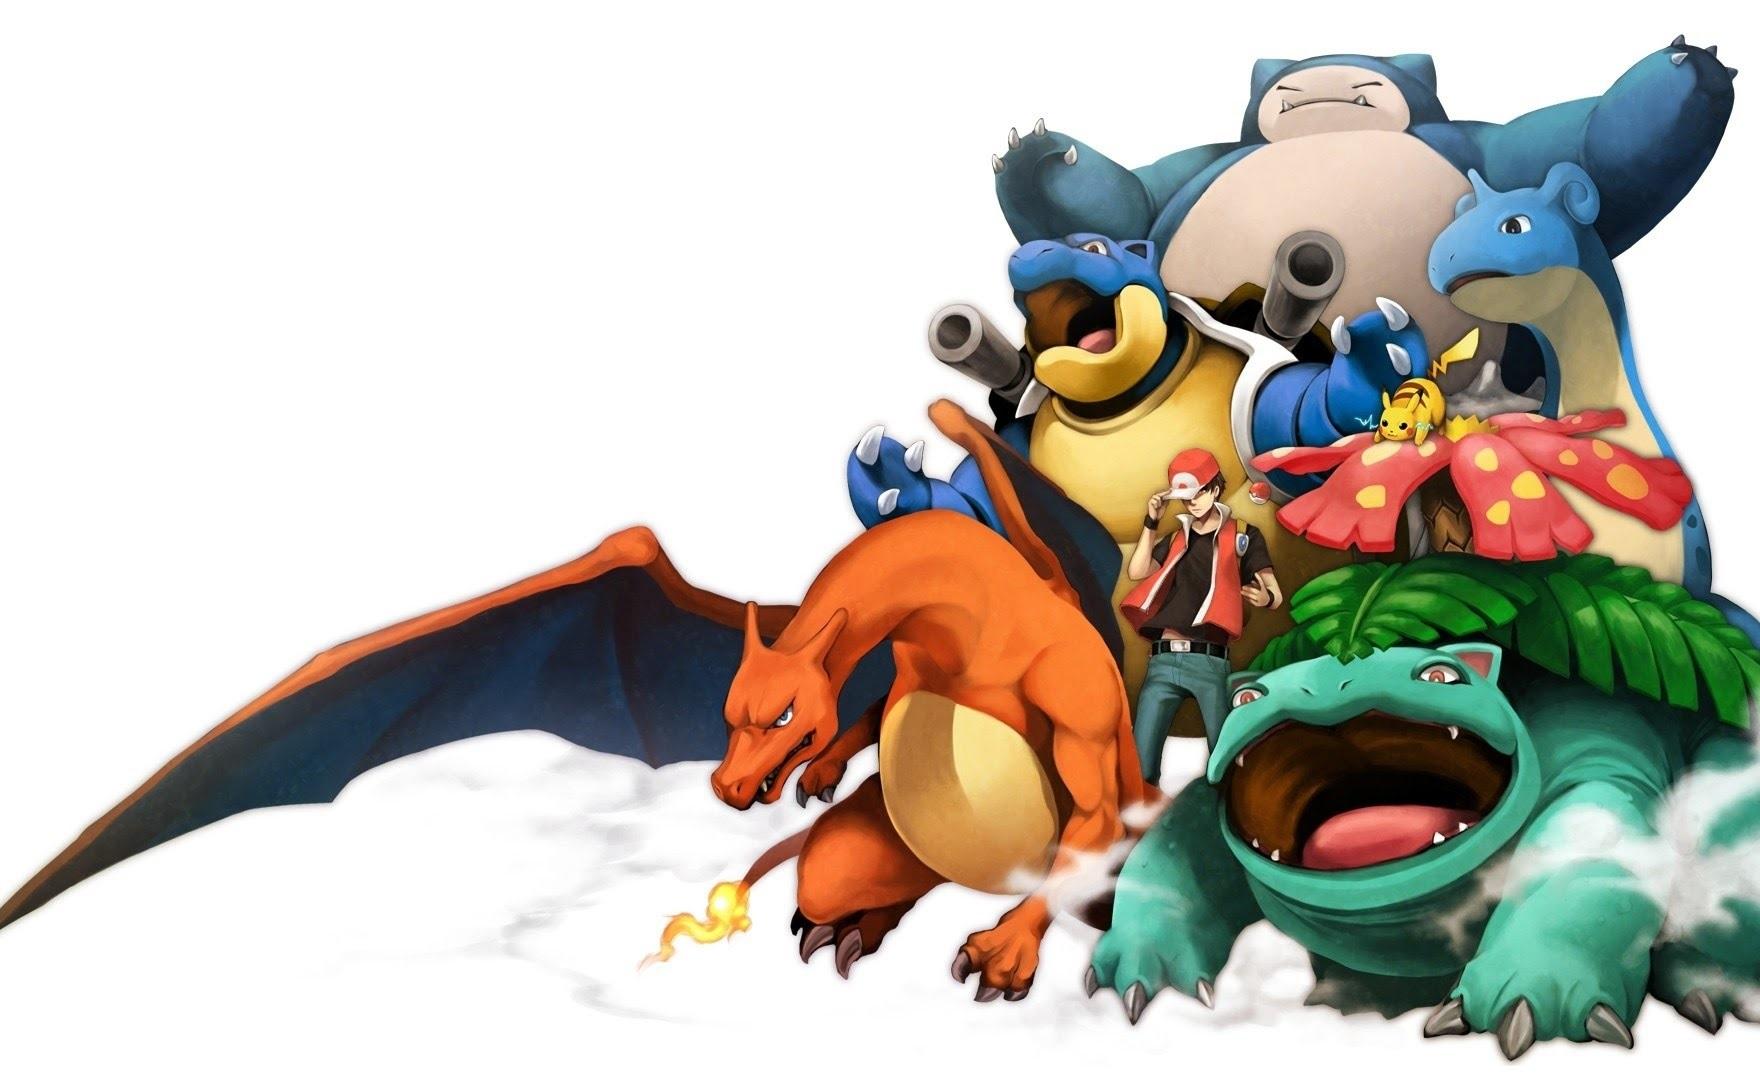 Pokémon Rosso: è possibile giocarlo su una calcolatrice, ecco il video